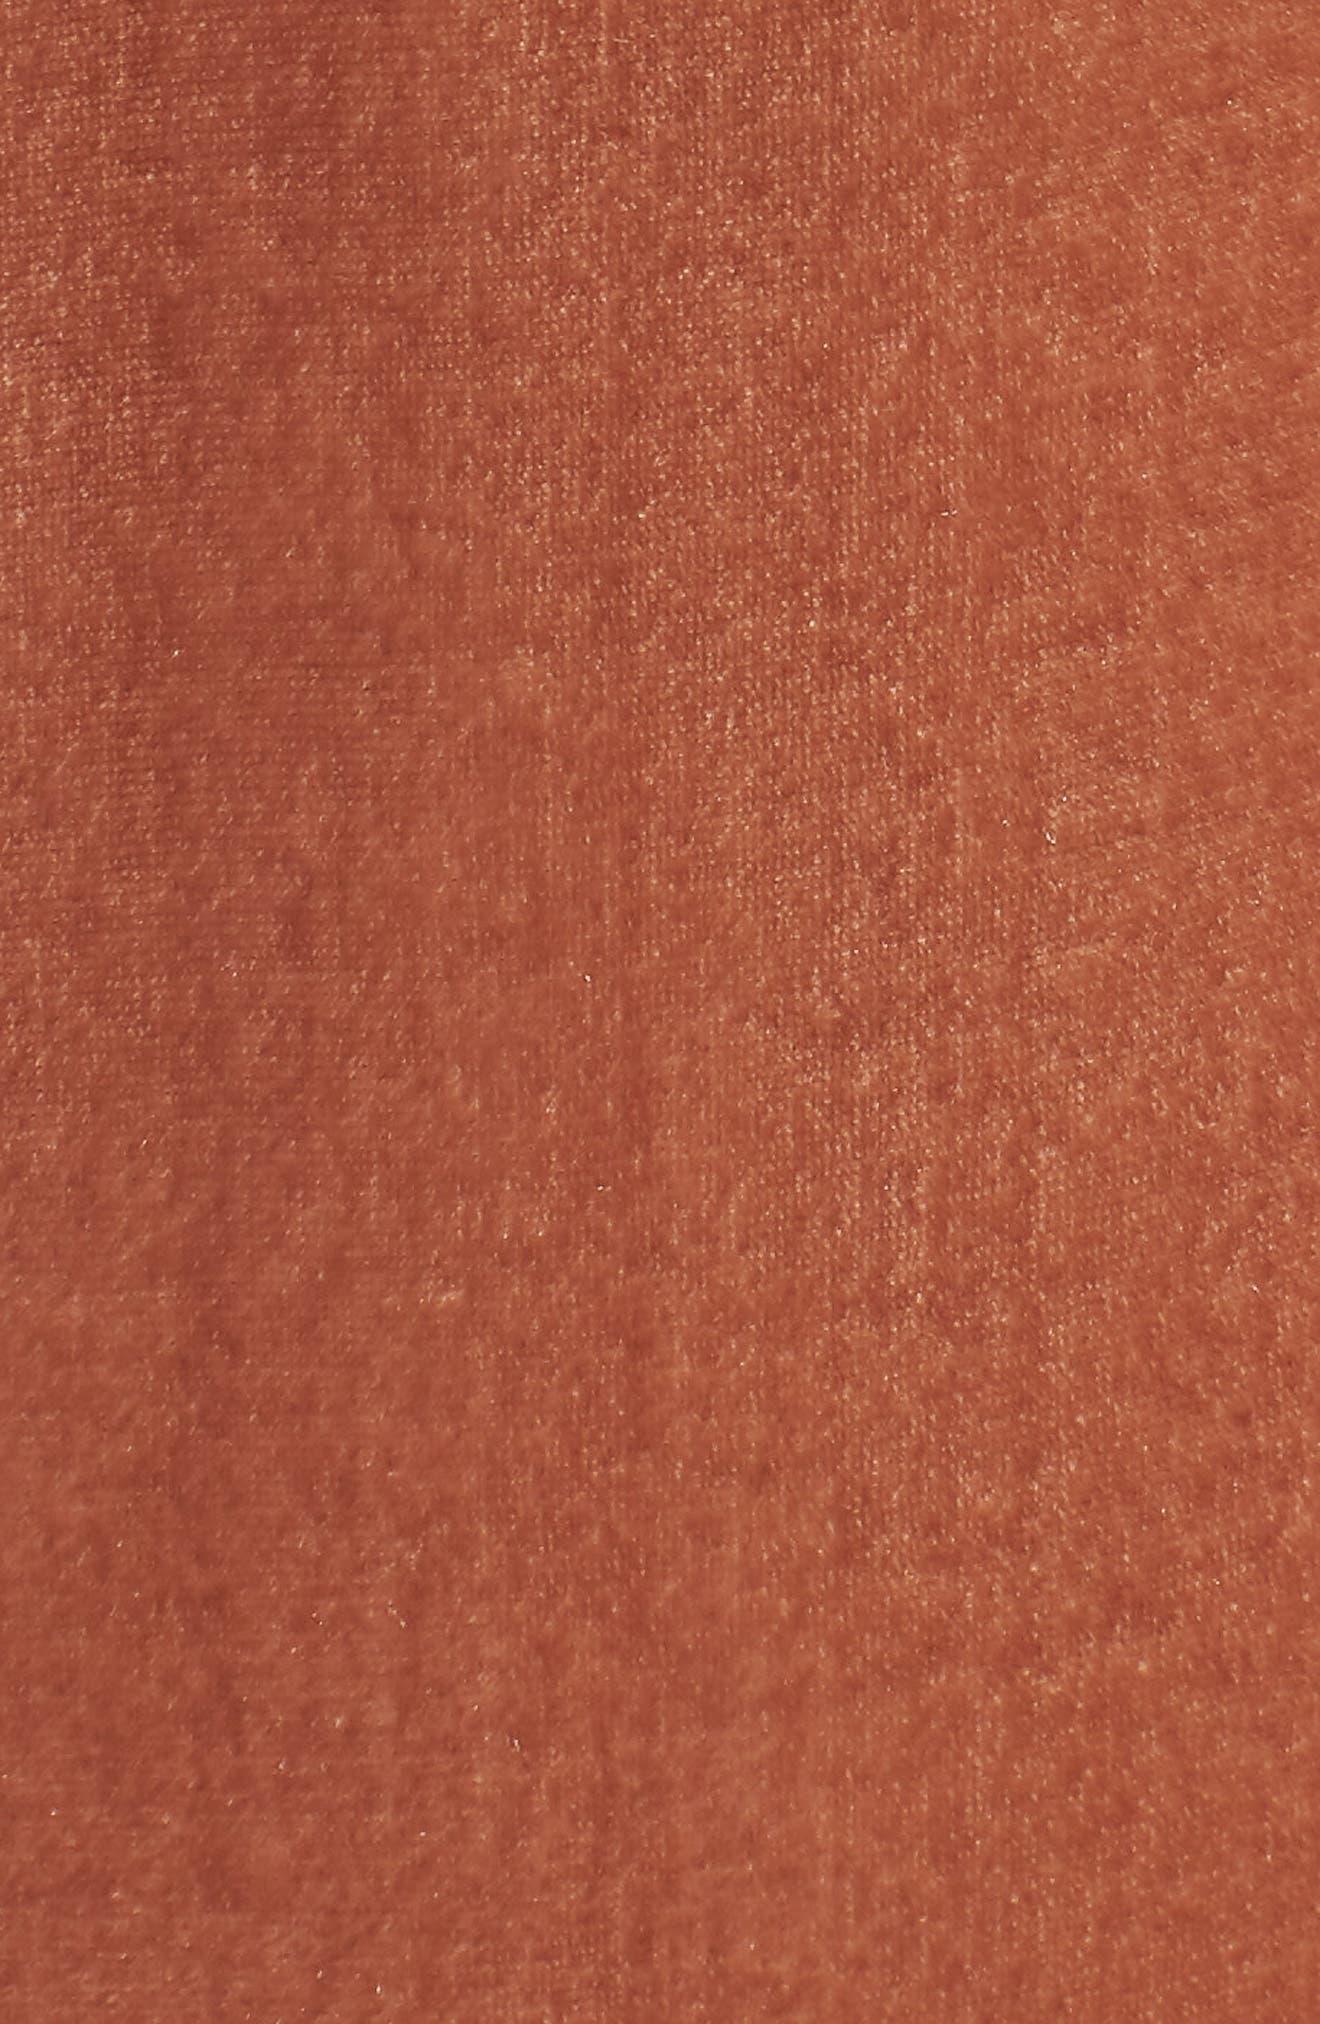 Bushwick Velvet Pants,                             Alternate thumbnail 5, color,                             Brown